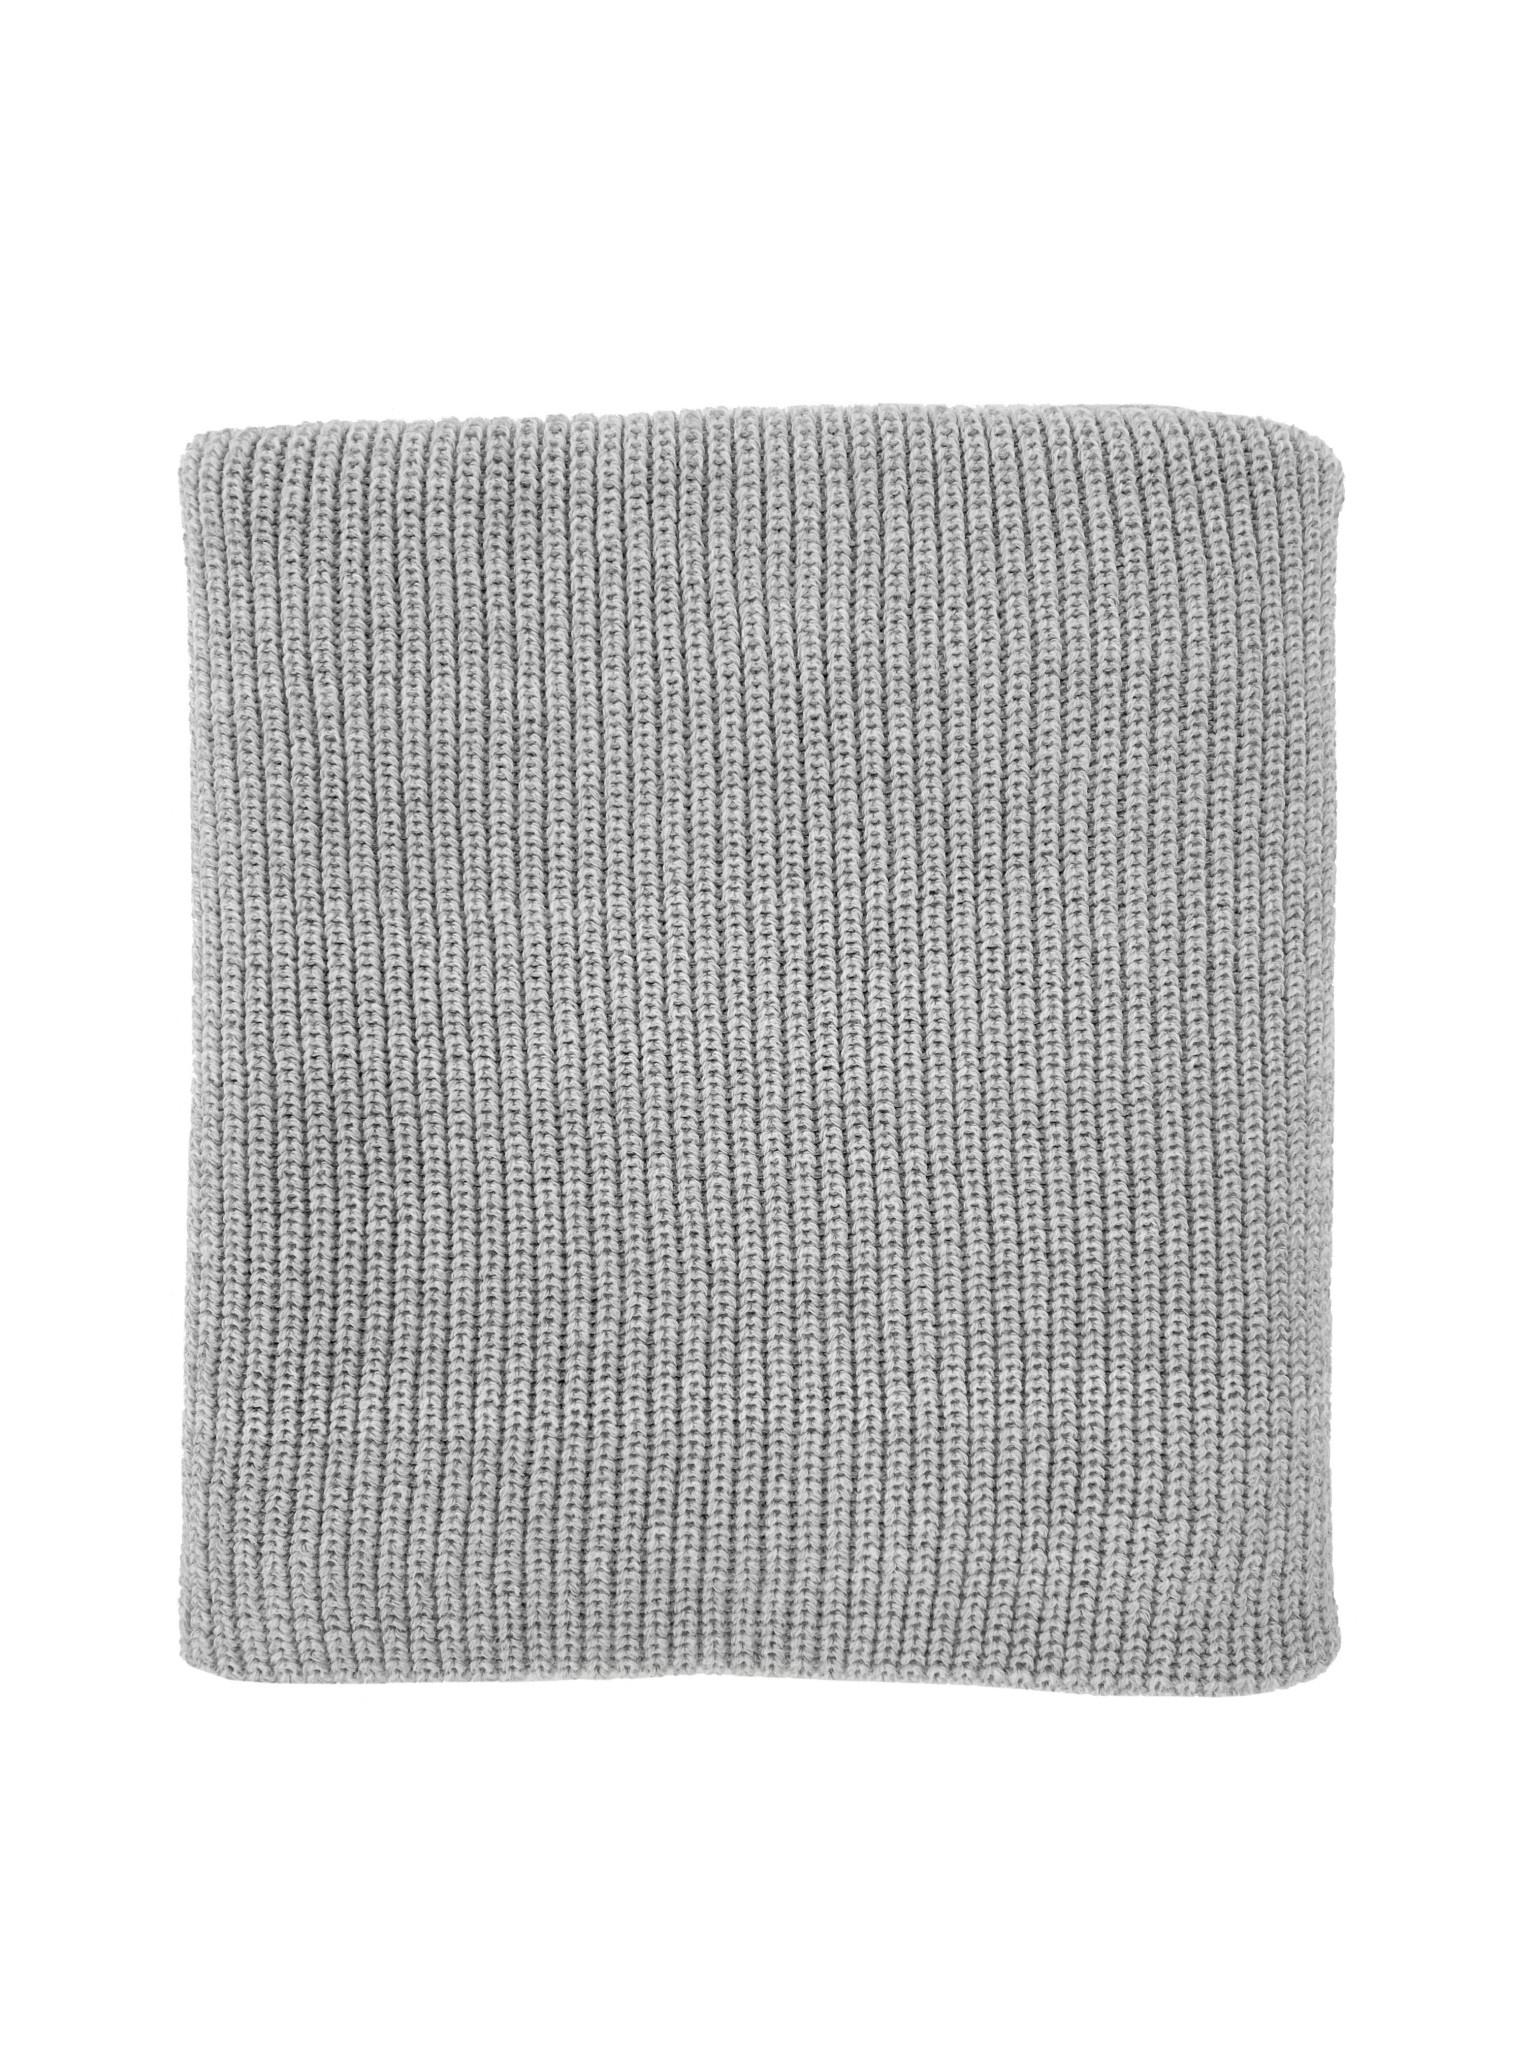 Wiegdeken anita grey melange-1